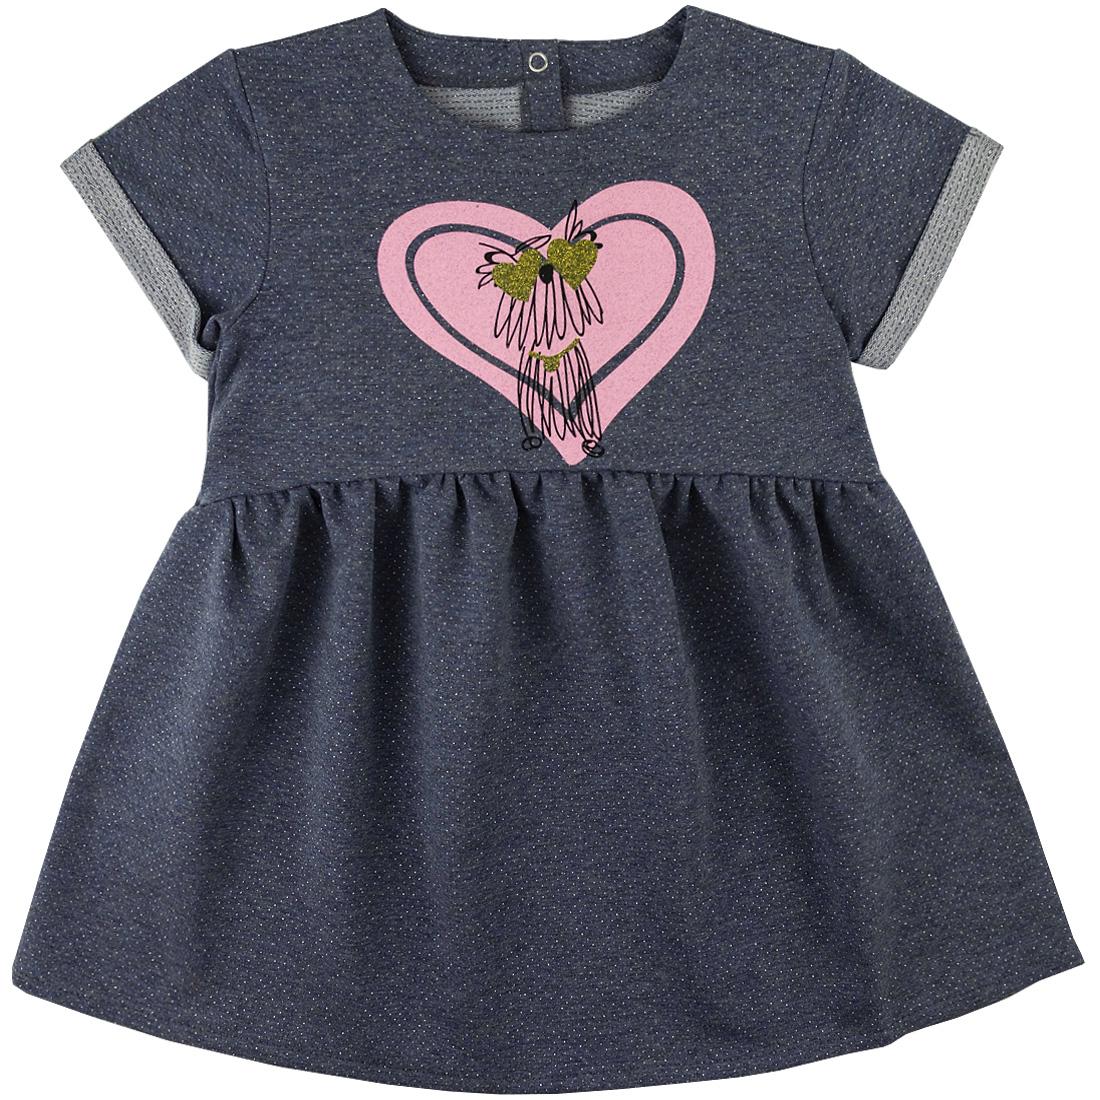 Купить 880/2фд ап, Платье детское Юлла, цв. синий р. 122, Платья для девочек